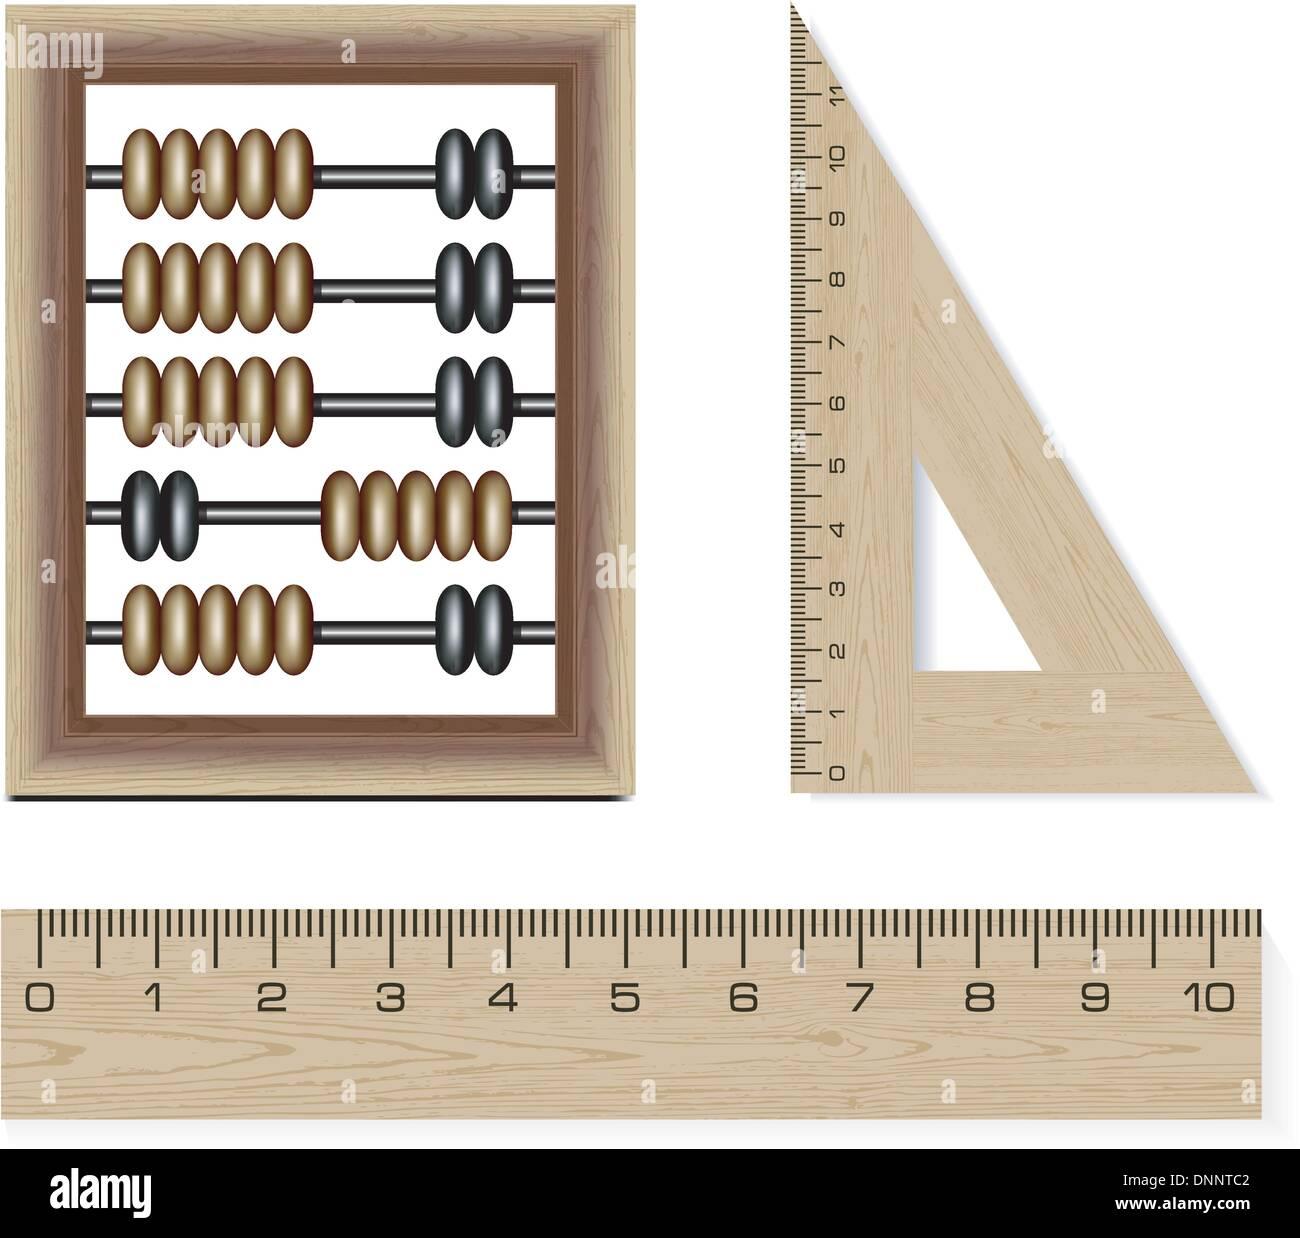 Abacus in legno e righelli isolati su sfondo bianco Immagini Stock